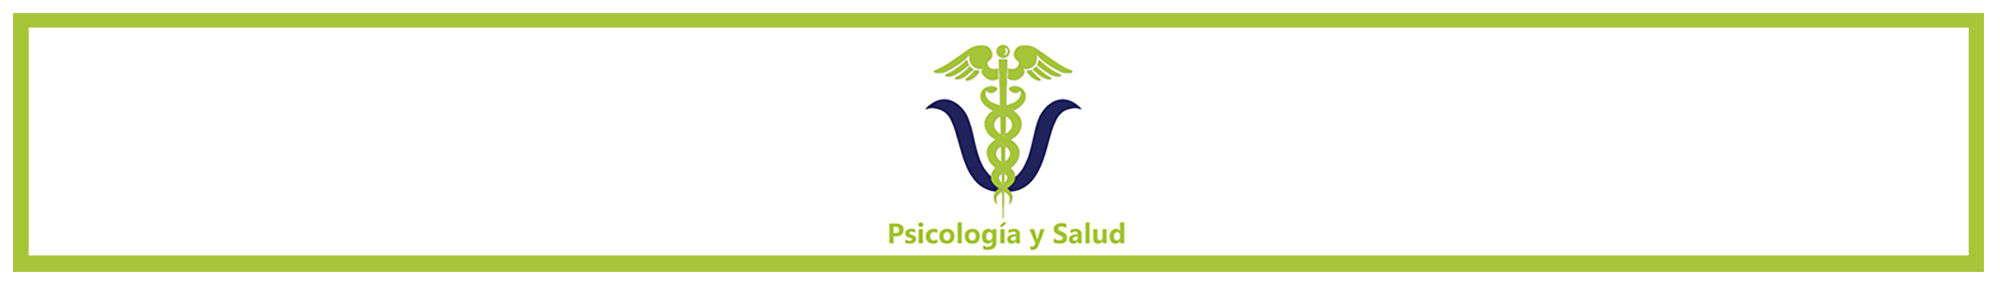 Psicólogo en Sevilla Federico Casado Reina | Psicología y Salud